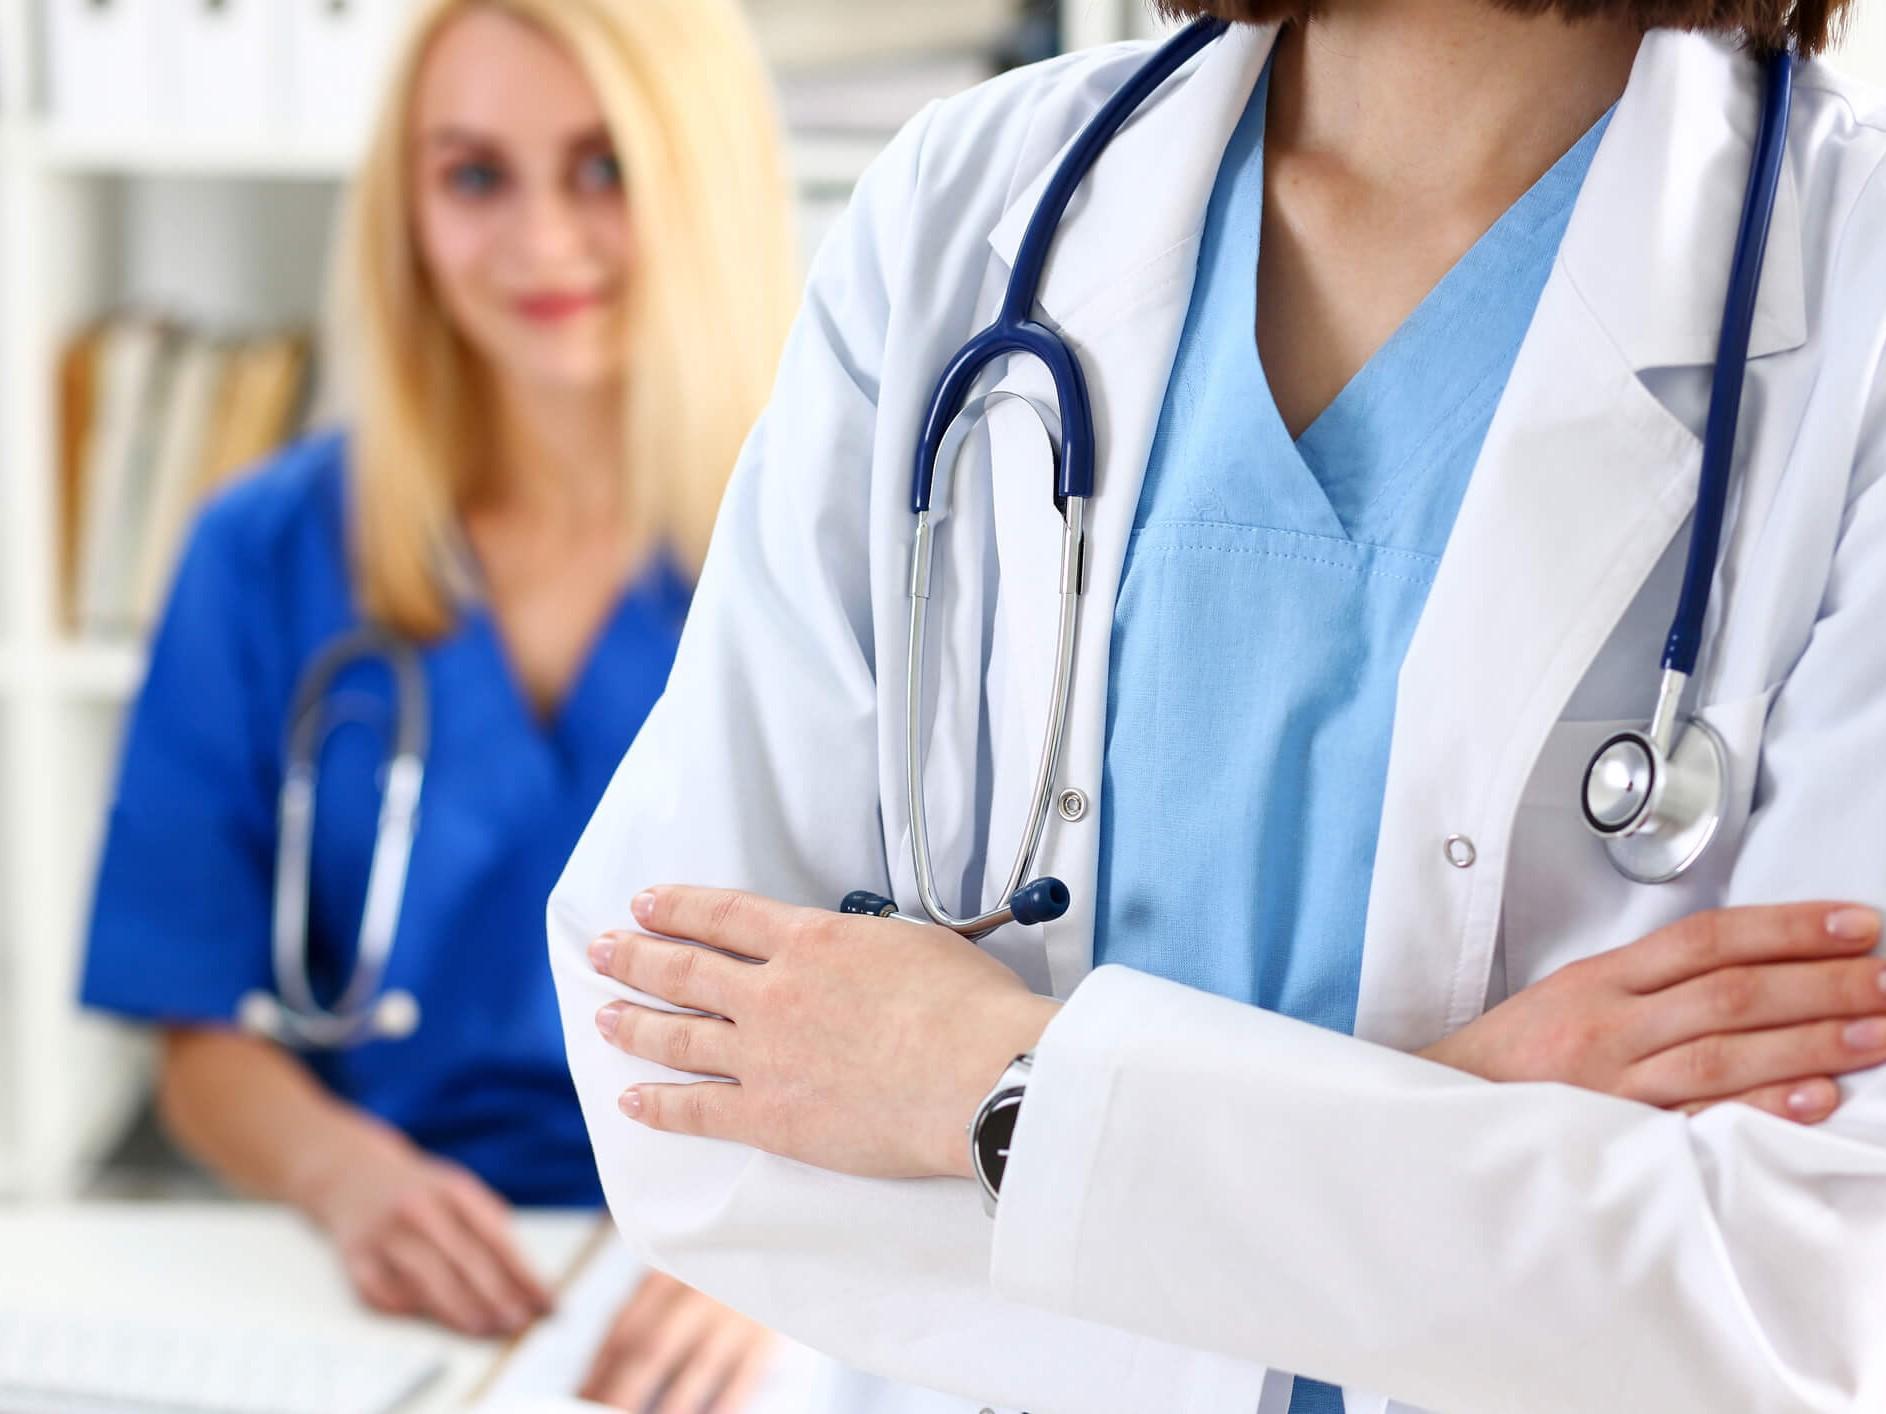 راهنمای خرید انواع پارچه بیمارستانی + بررسی ویژگی ها و تفاوت ها